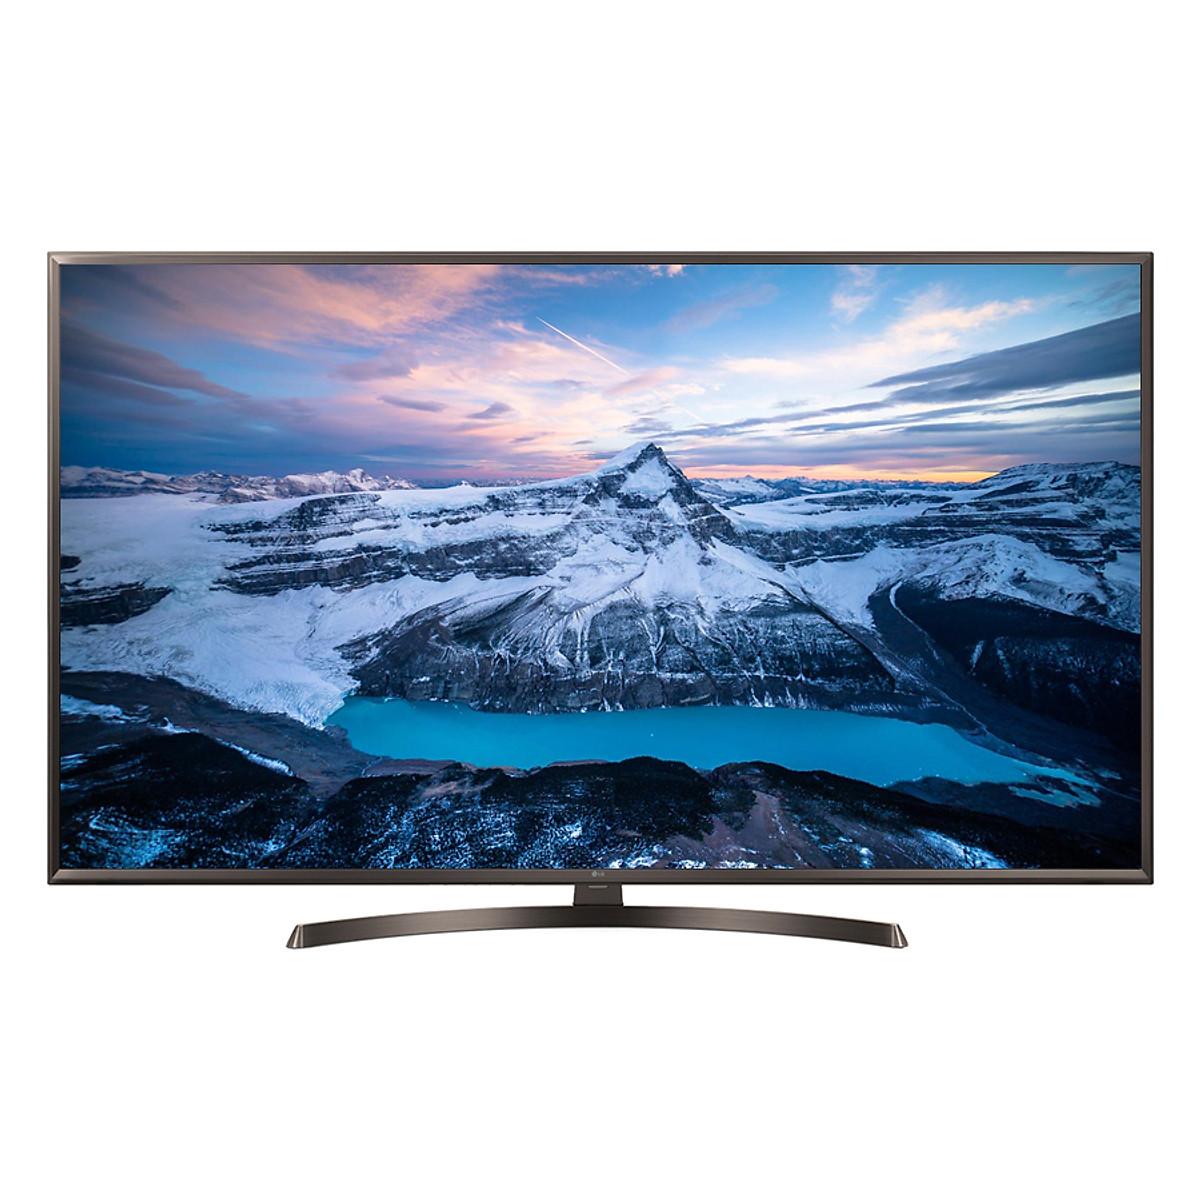 Smart Tivi LG 55 inch 4K UHD 55UK6340PTF - nên mua tivi màn hình 55inch nào